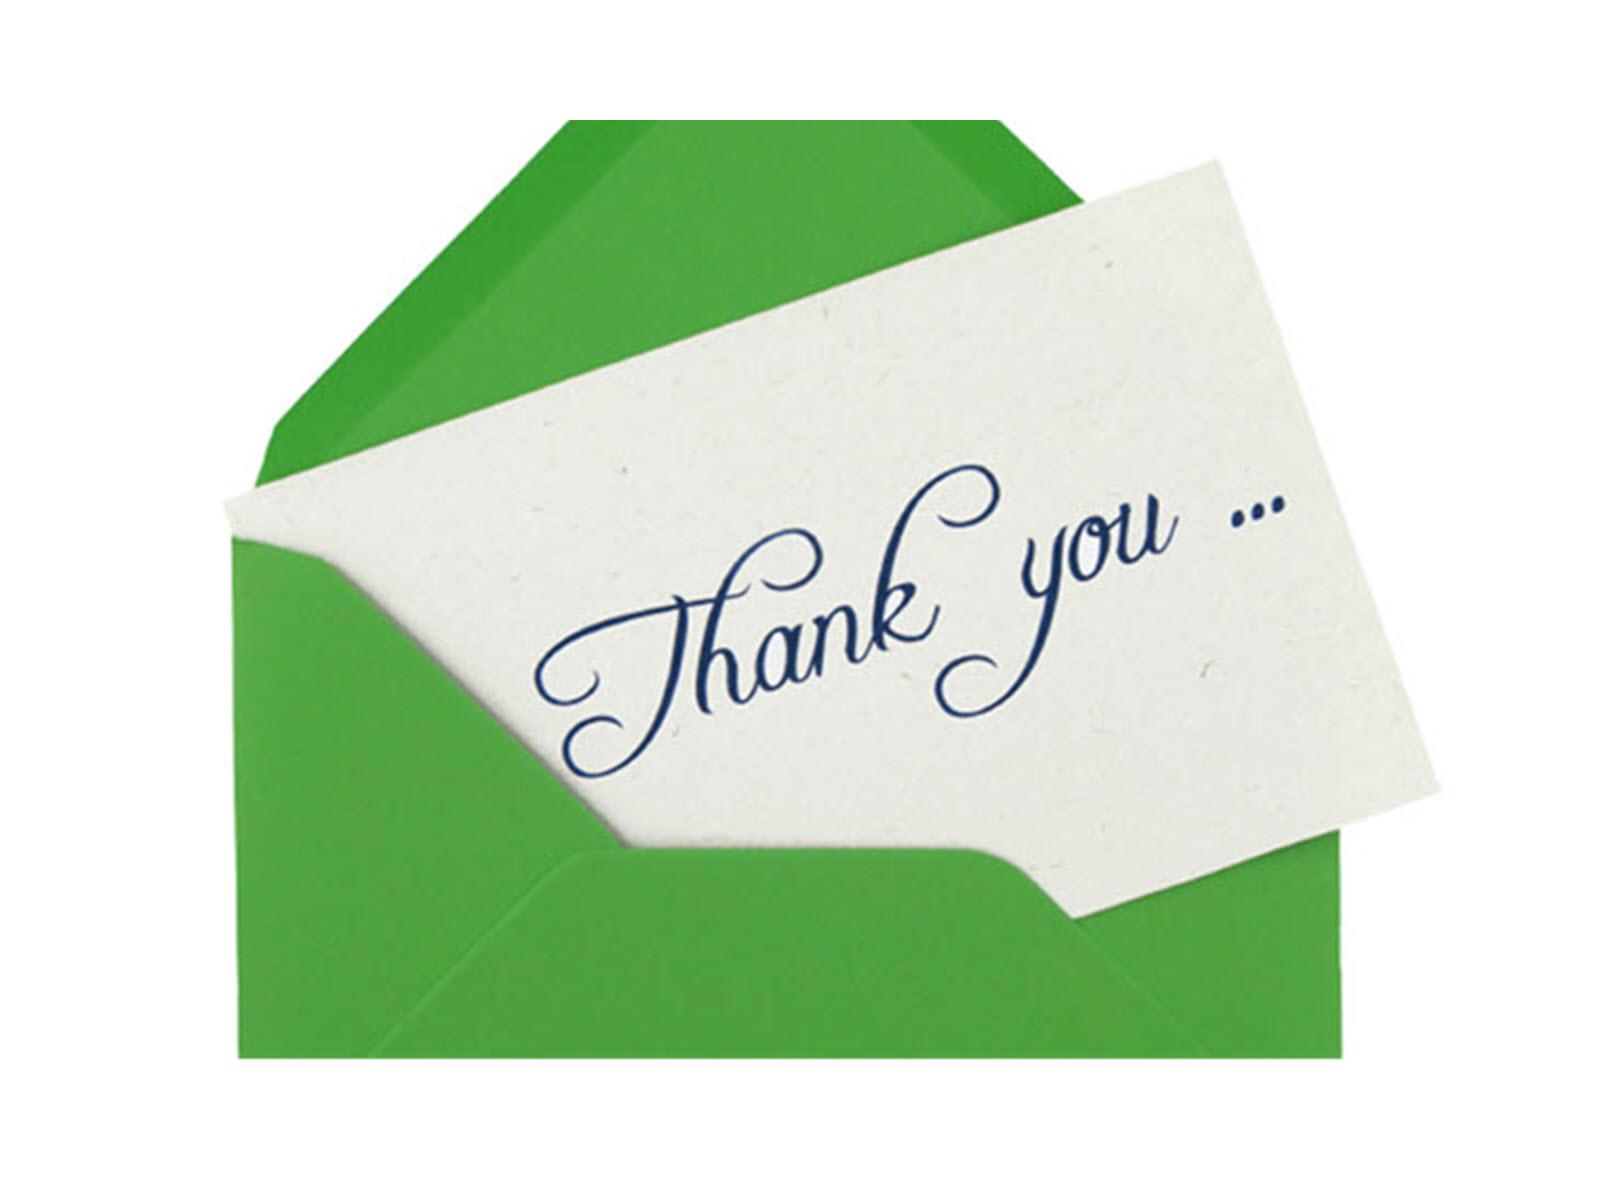 ThuThuatTinHoc - Slide cảm ơn đẹp (76)